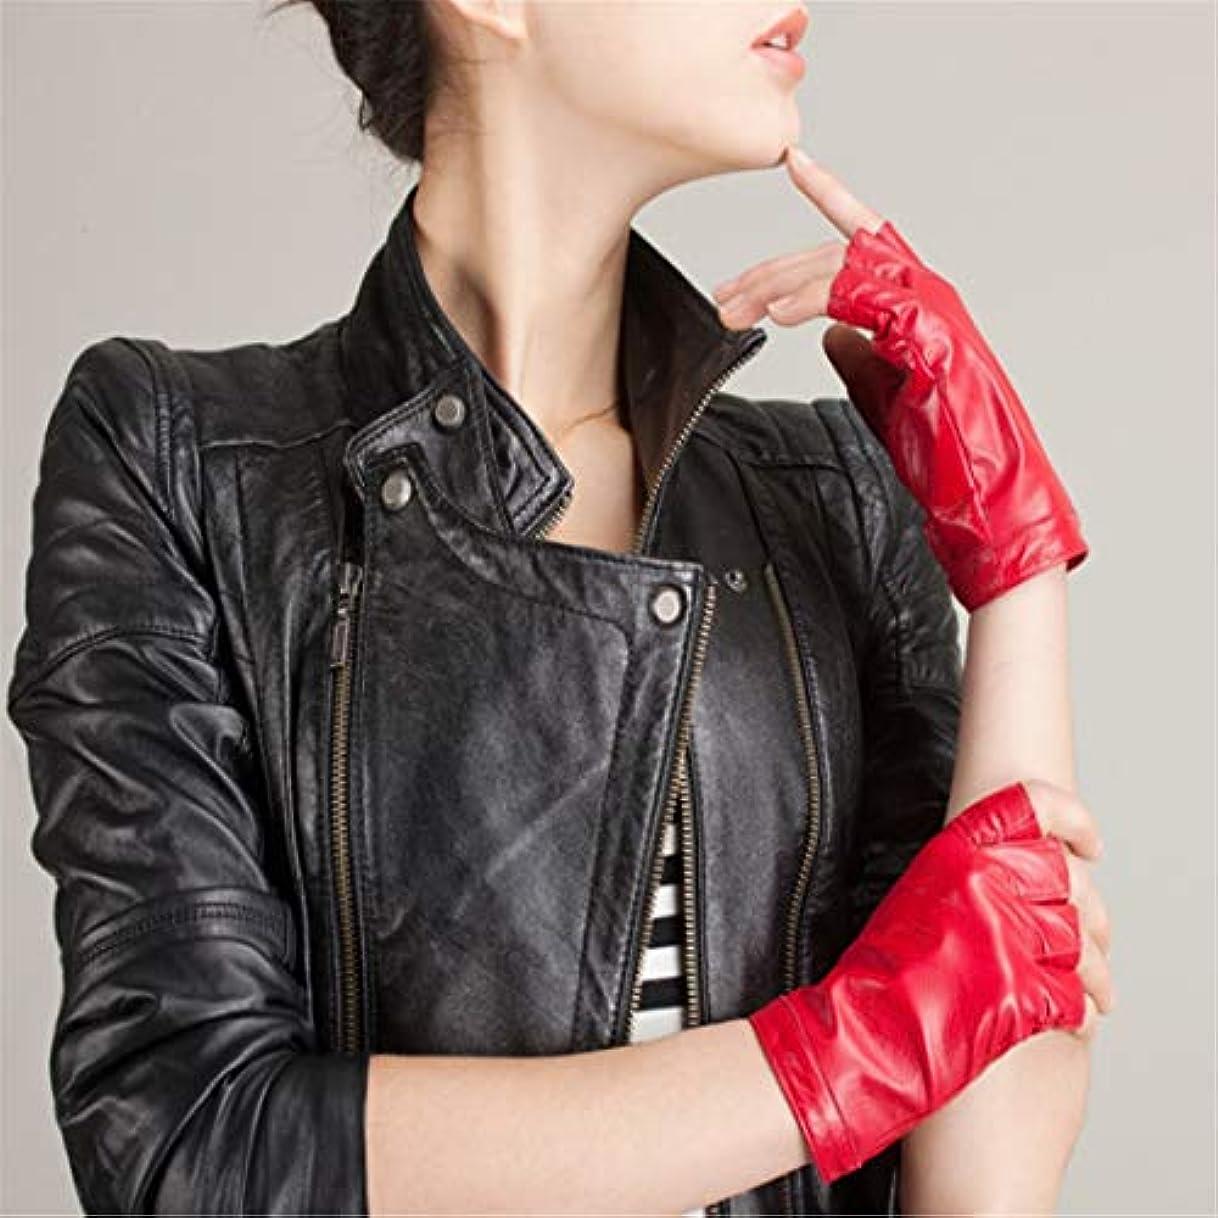 もの状態税金女性のファッションミットメンズストリートダンスキャットウォーク中性手袋S-XL